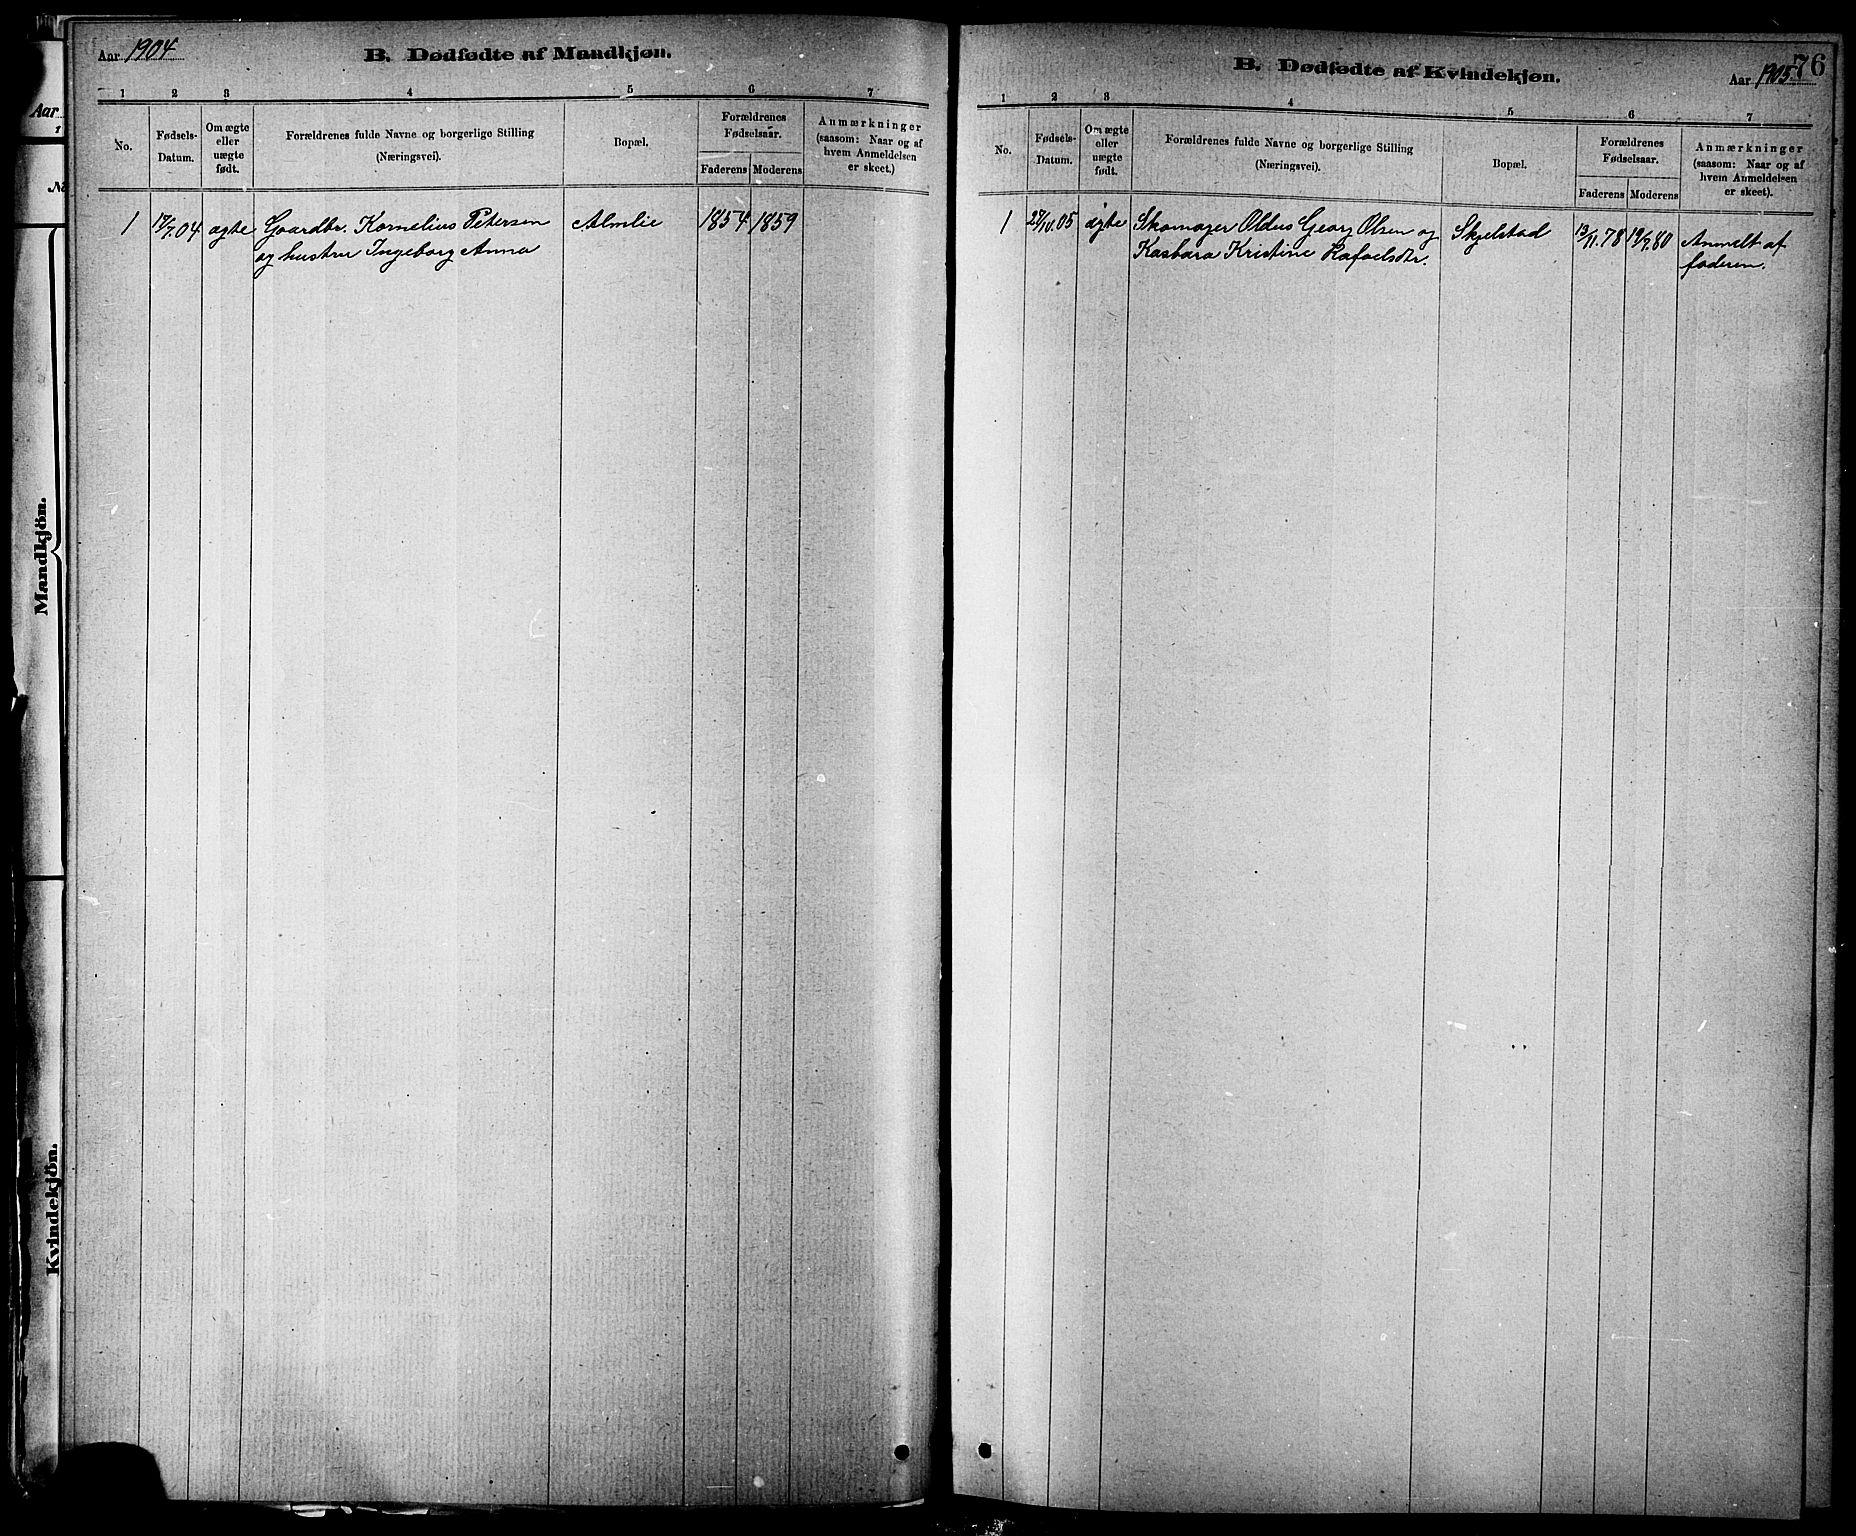 SAT, Ministerialprotokoller, klokkerbøker og fødselsregistre - Nord-Trøndelag, 744/L0423: Klokkerbok nr. 744C02, 1886-1905, s. 76